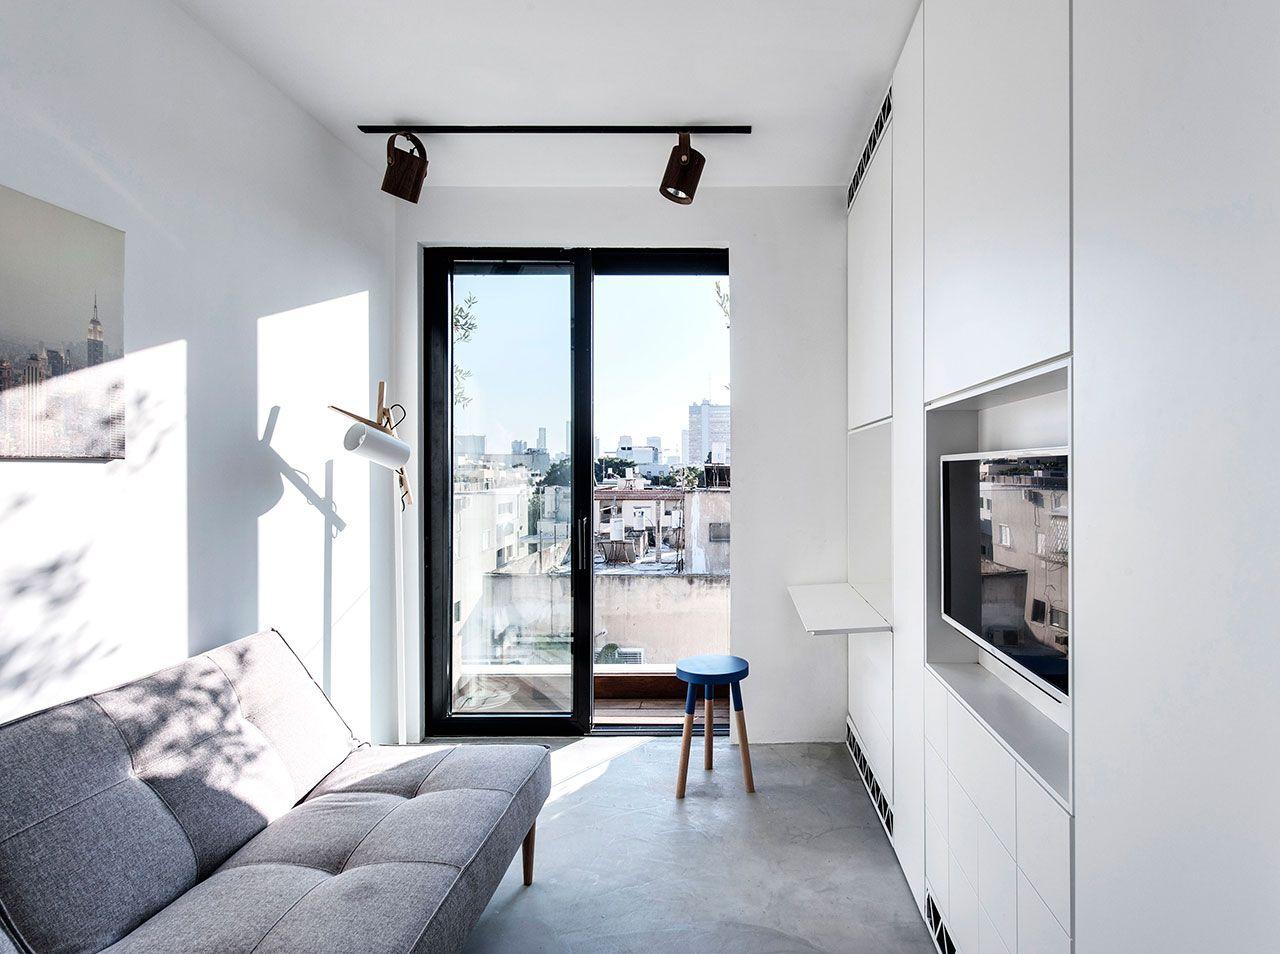 kleines Wohnzimmer Gestaltungsideen weiße Möbel graue Sofa